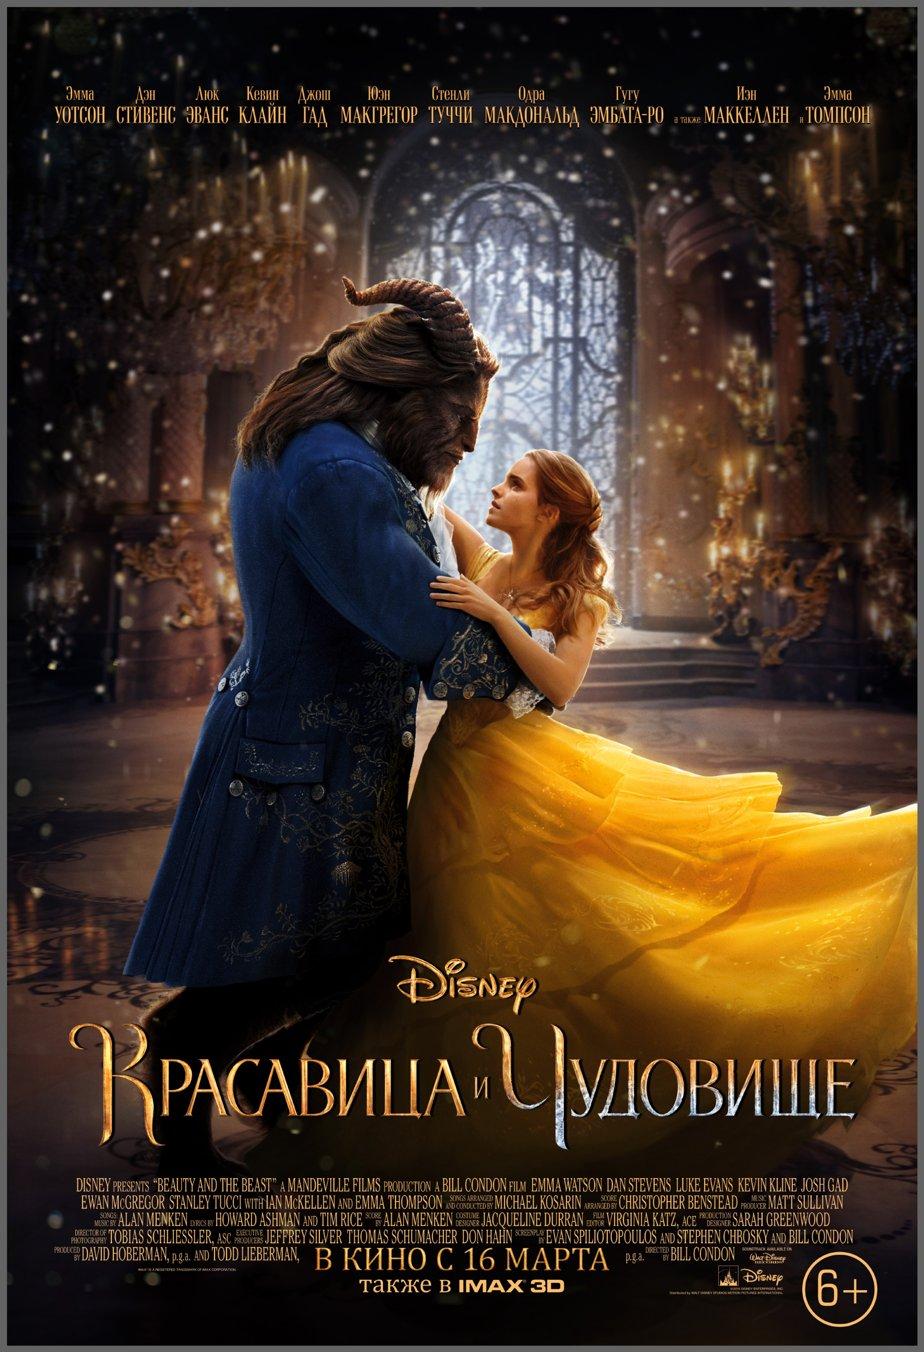 Фильм красавица и чудовище 2018 смотреть фильм субтитры